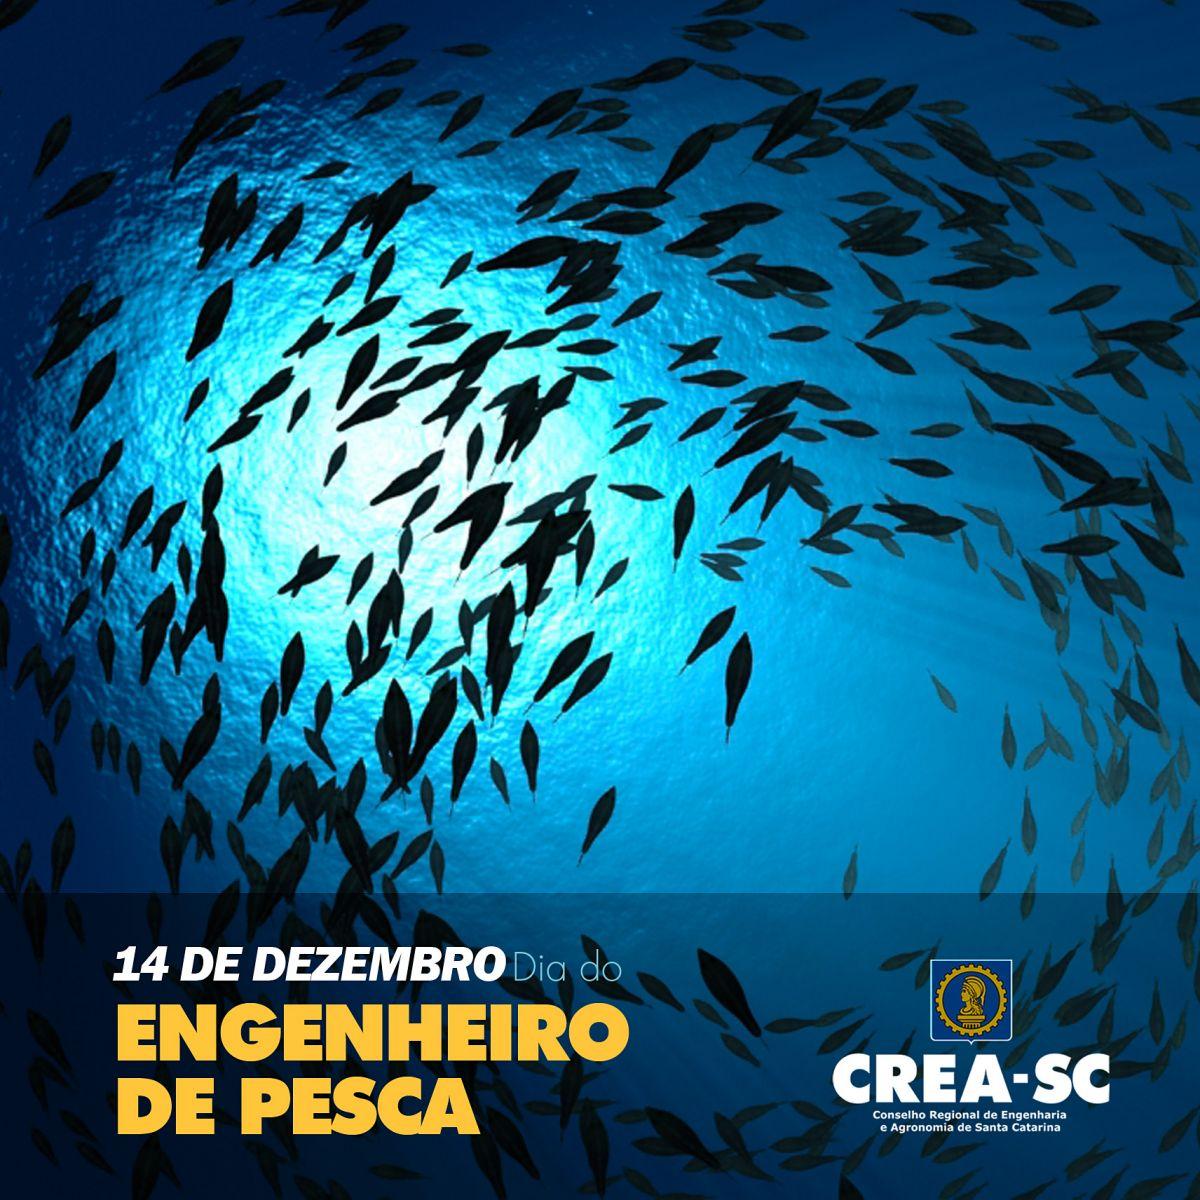 Resultado de imagem para Dia do Engenheiro de Pesca